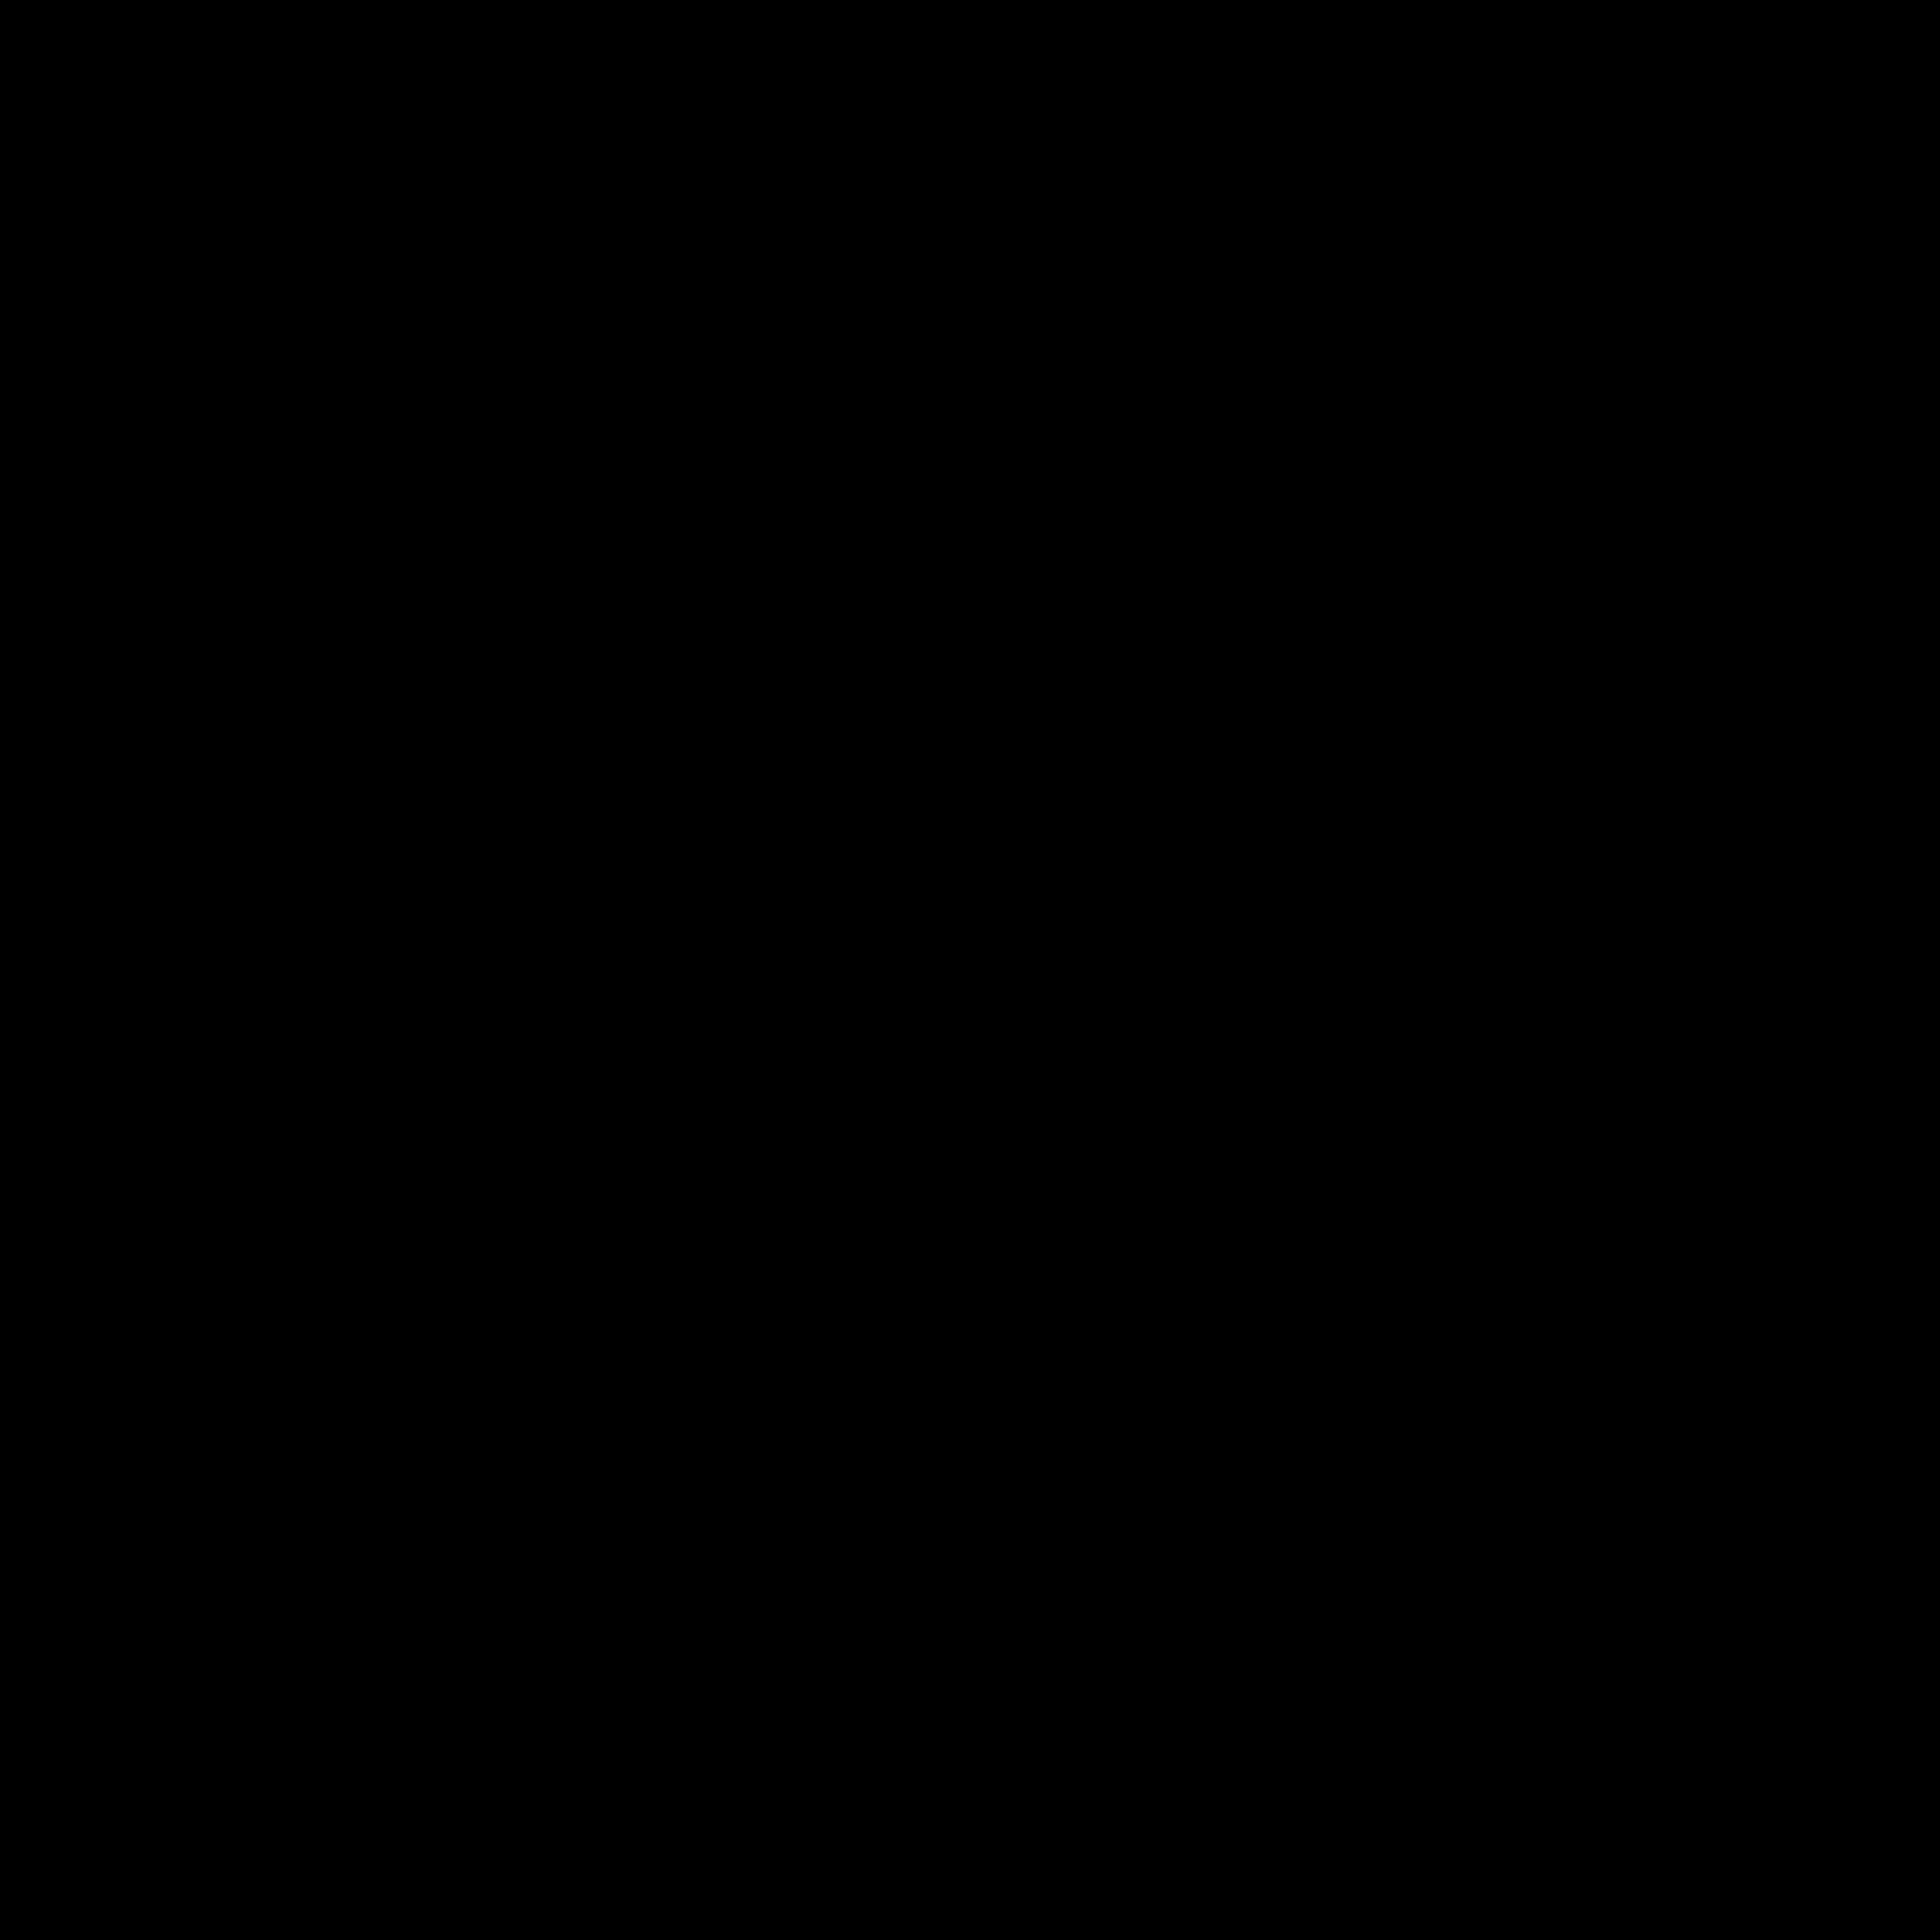 Clipart Male Symbol